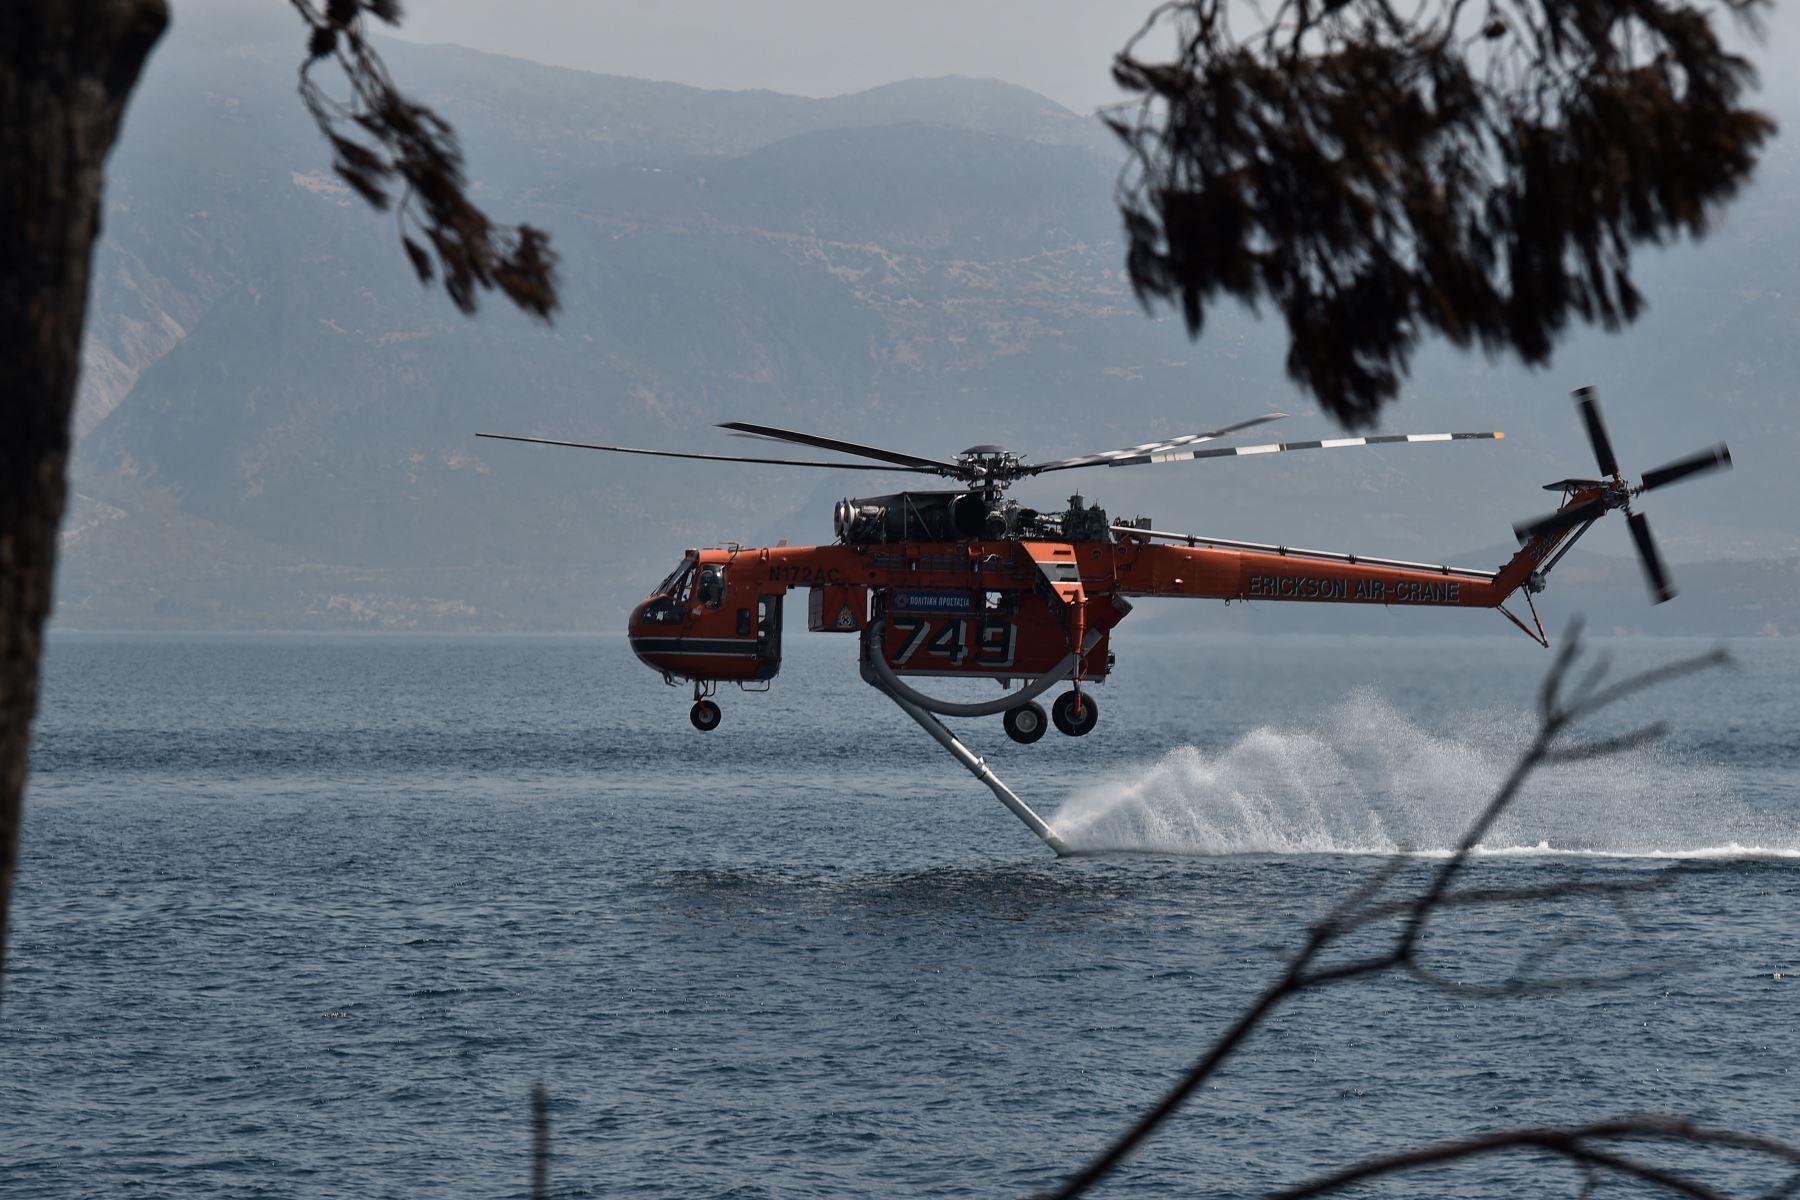 Un helicóptero Sikorsky S-64 Skycrane regresa al océano para llenarse de agua mientras lucha contra incendios cerca de la playa Lambiri cerca de Patras en Grecia.  Foto : AFP